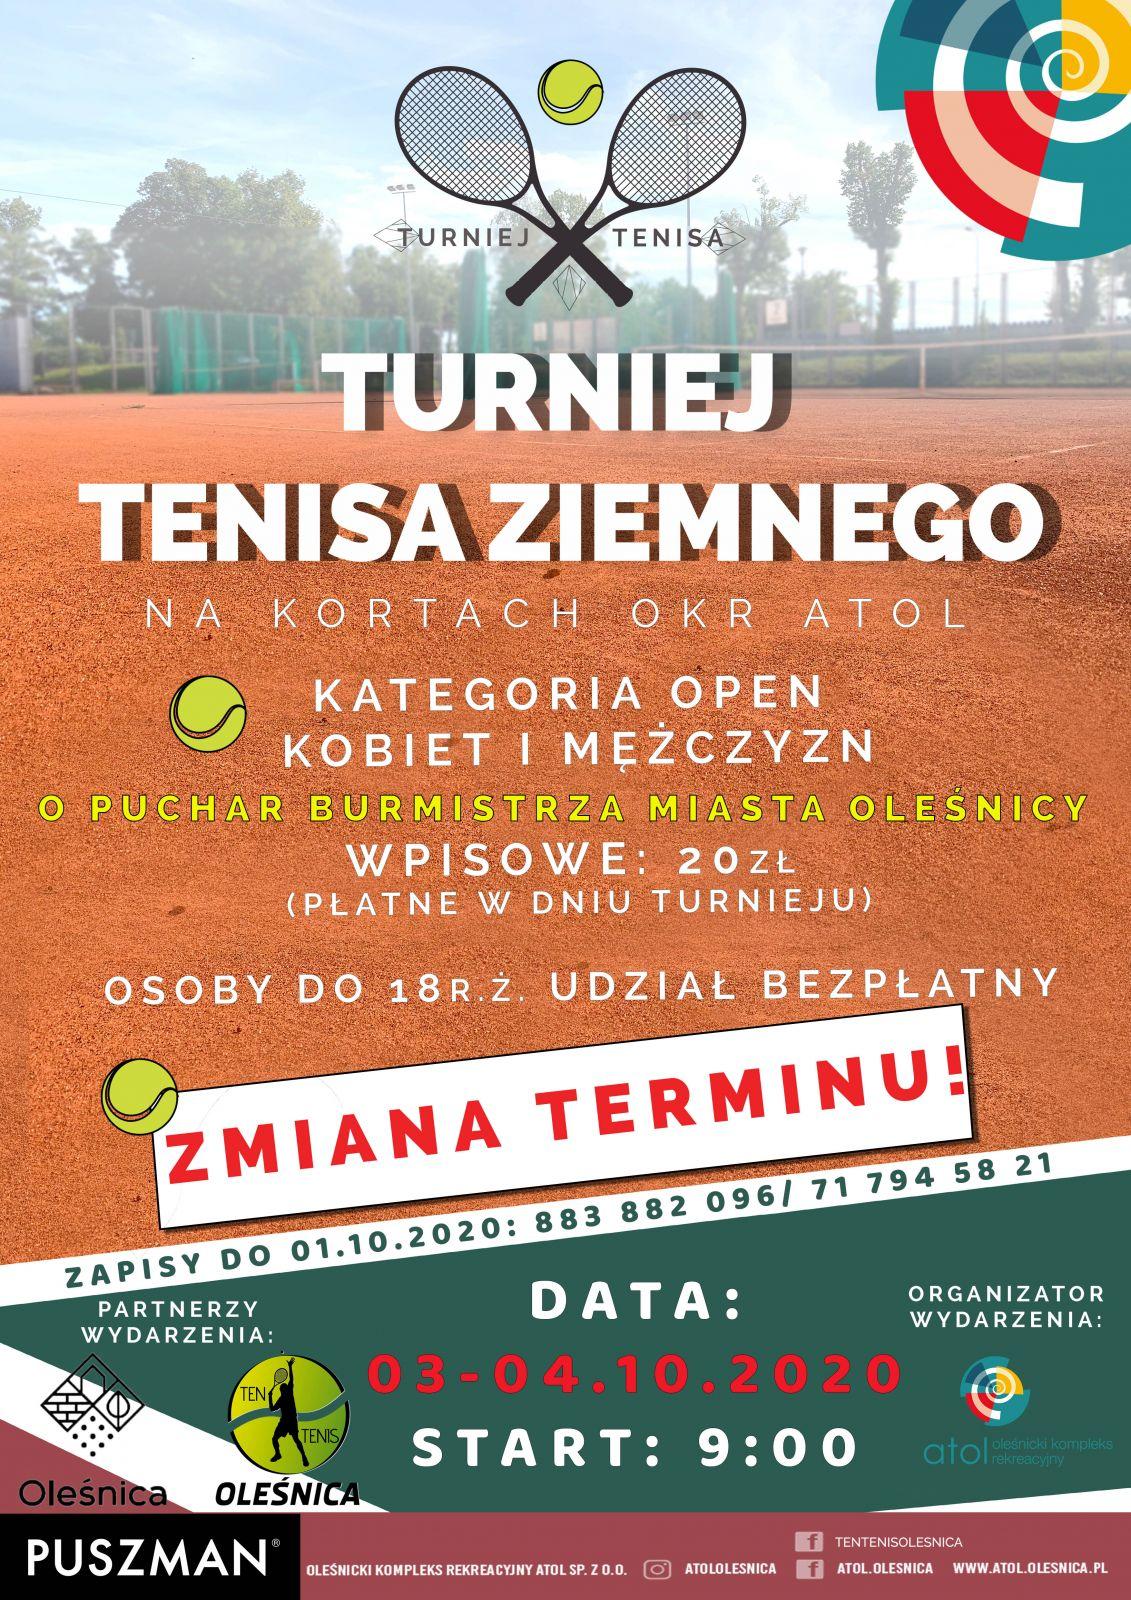 Turniej tenisa zmiana terminu